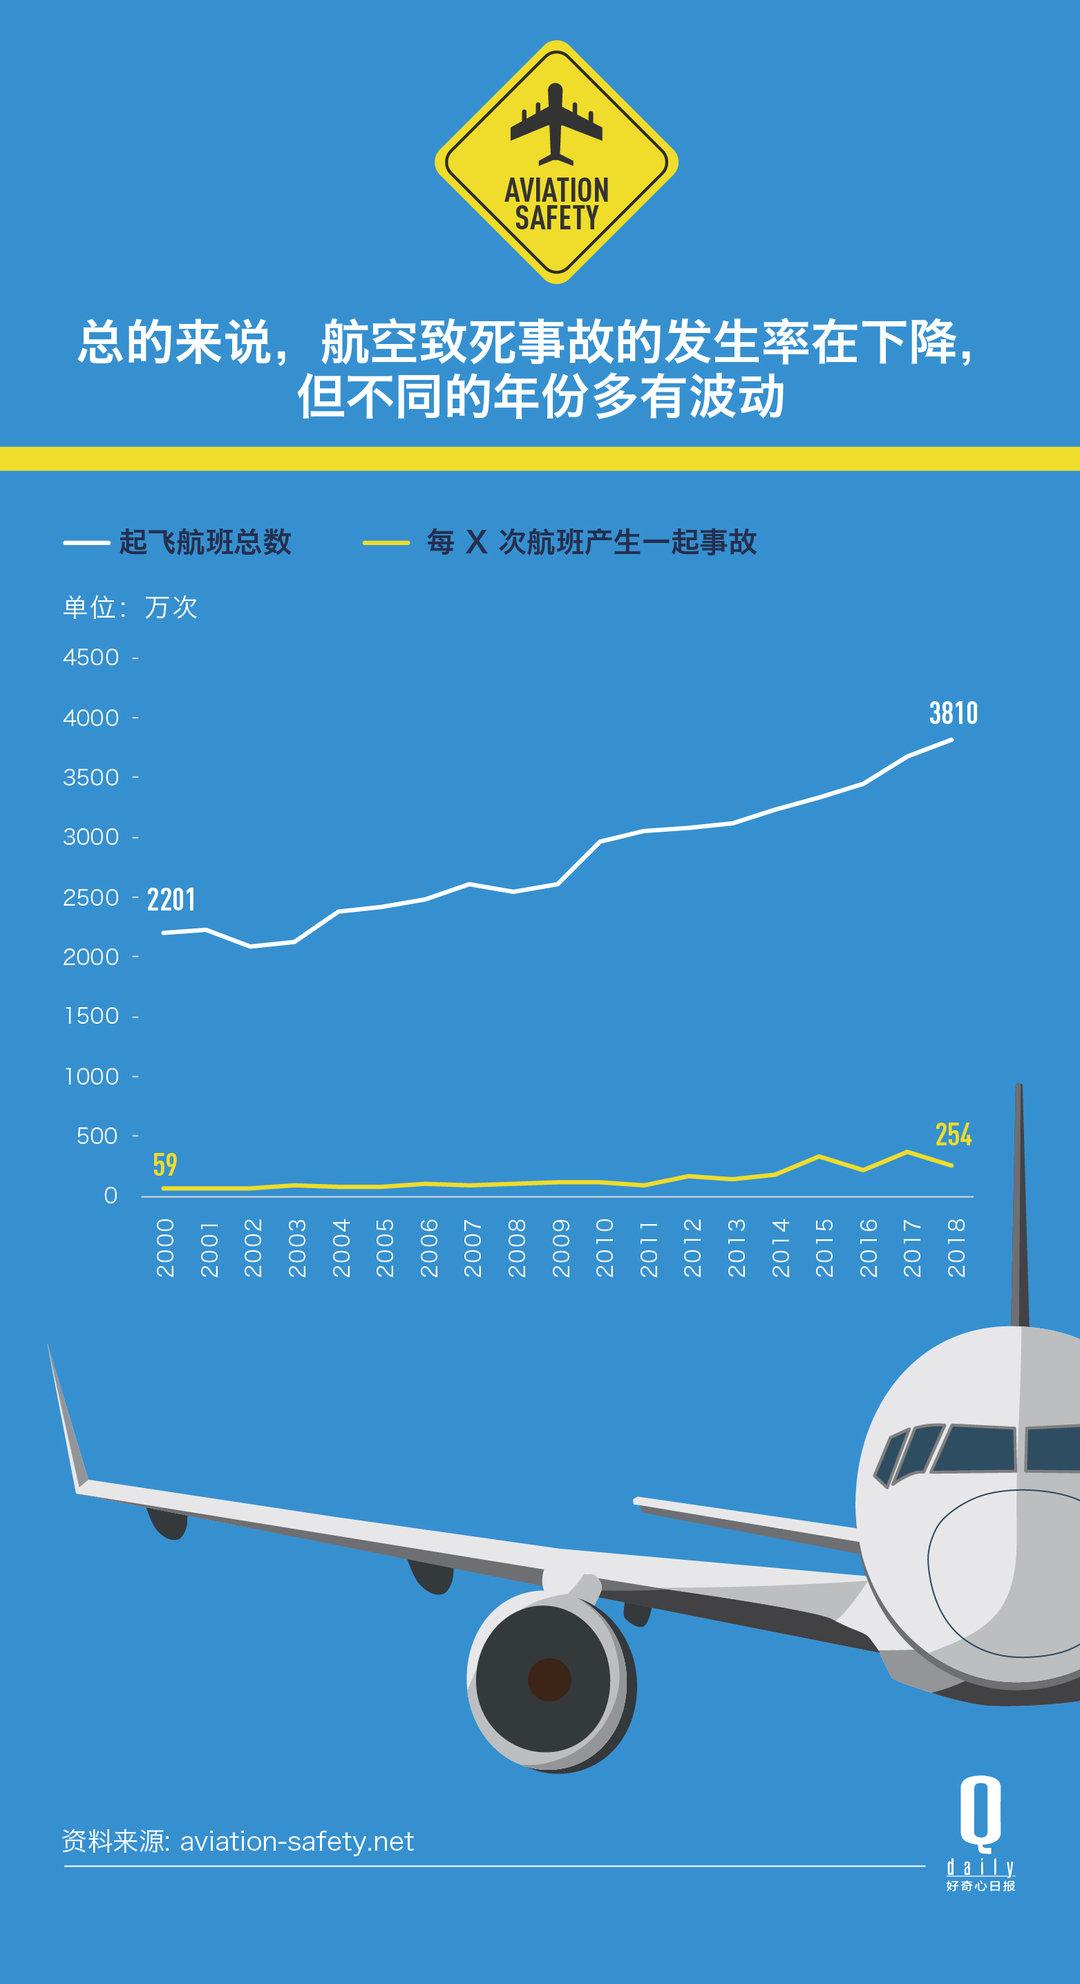 2018年空难致556人死 事故率却较千禧年下降